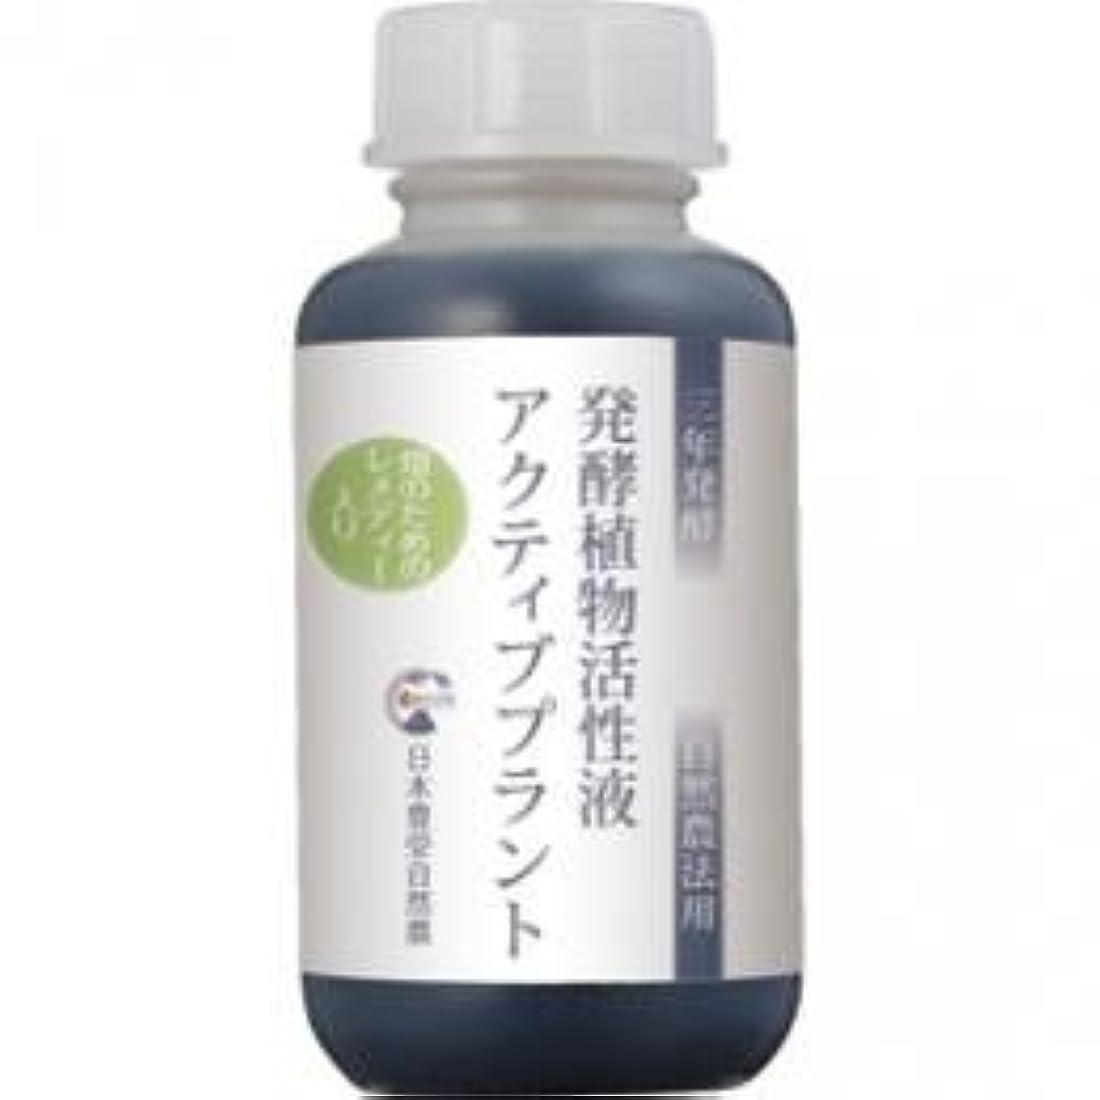 干し草牧草地雑草発酵アクティブプラント(植物活性液)